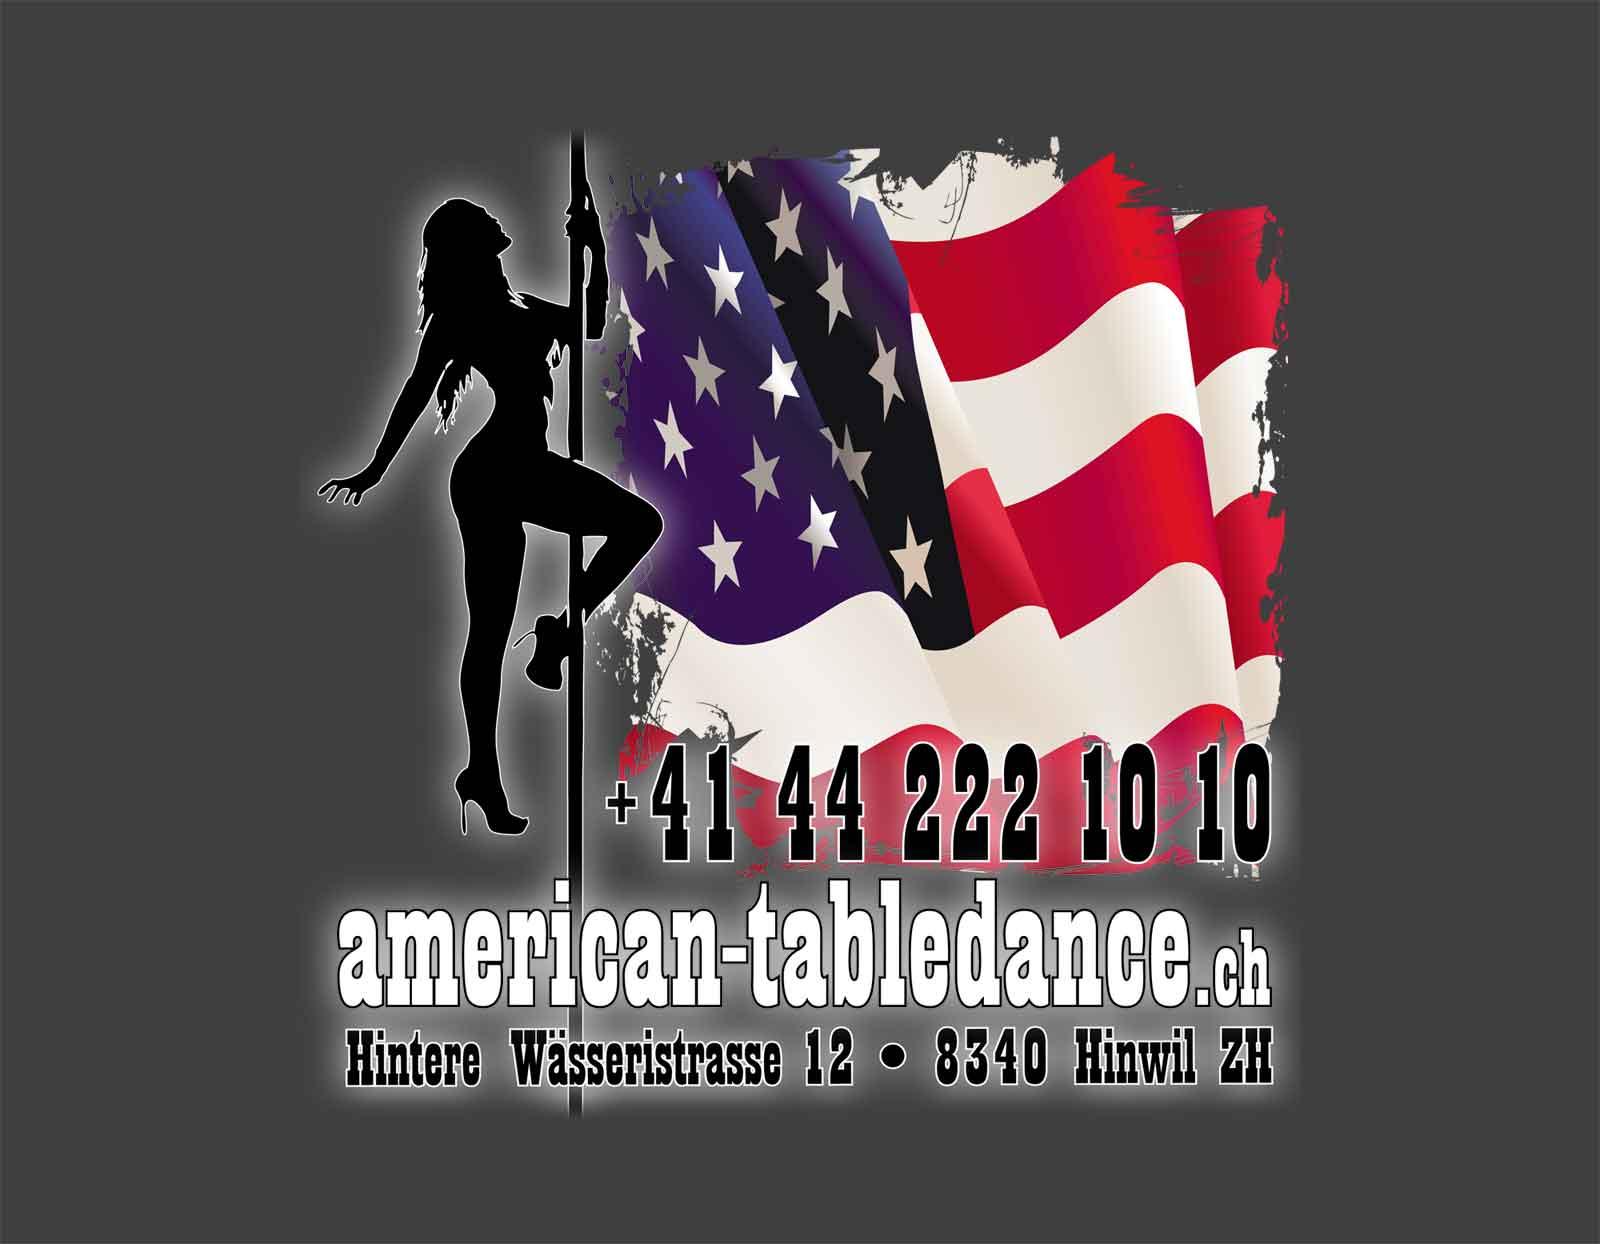 american-tabledance.ch